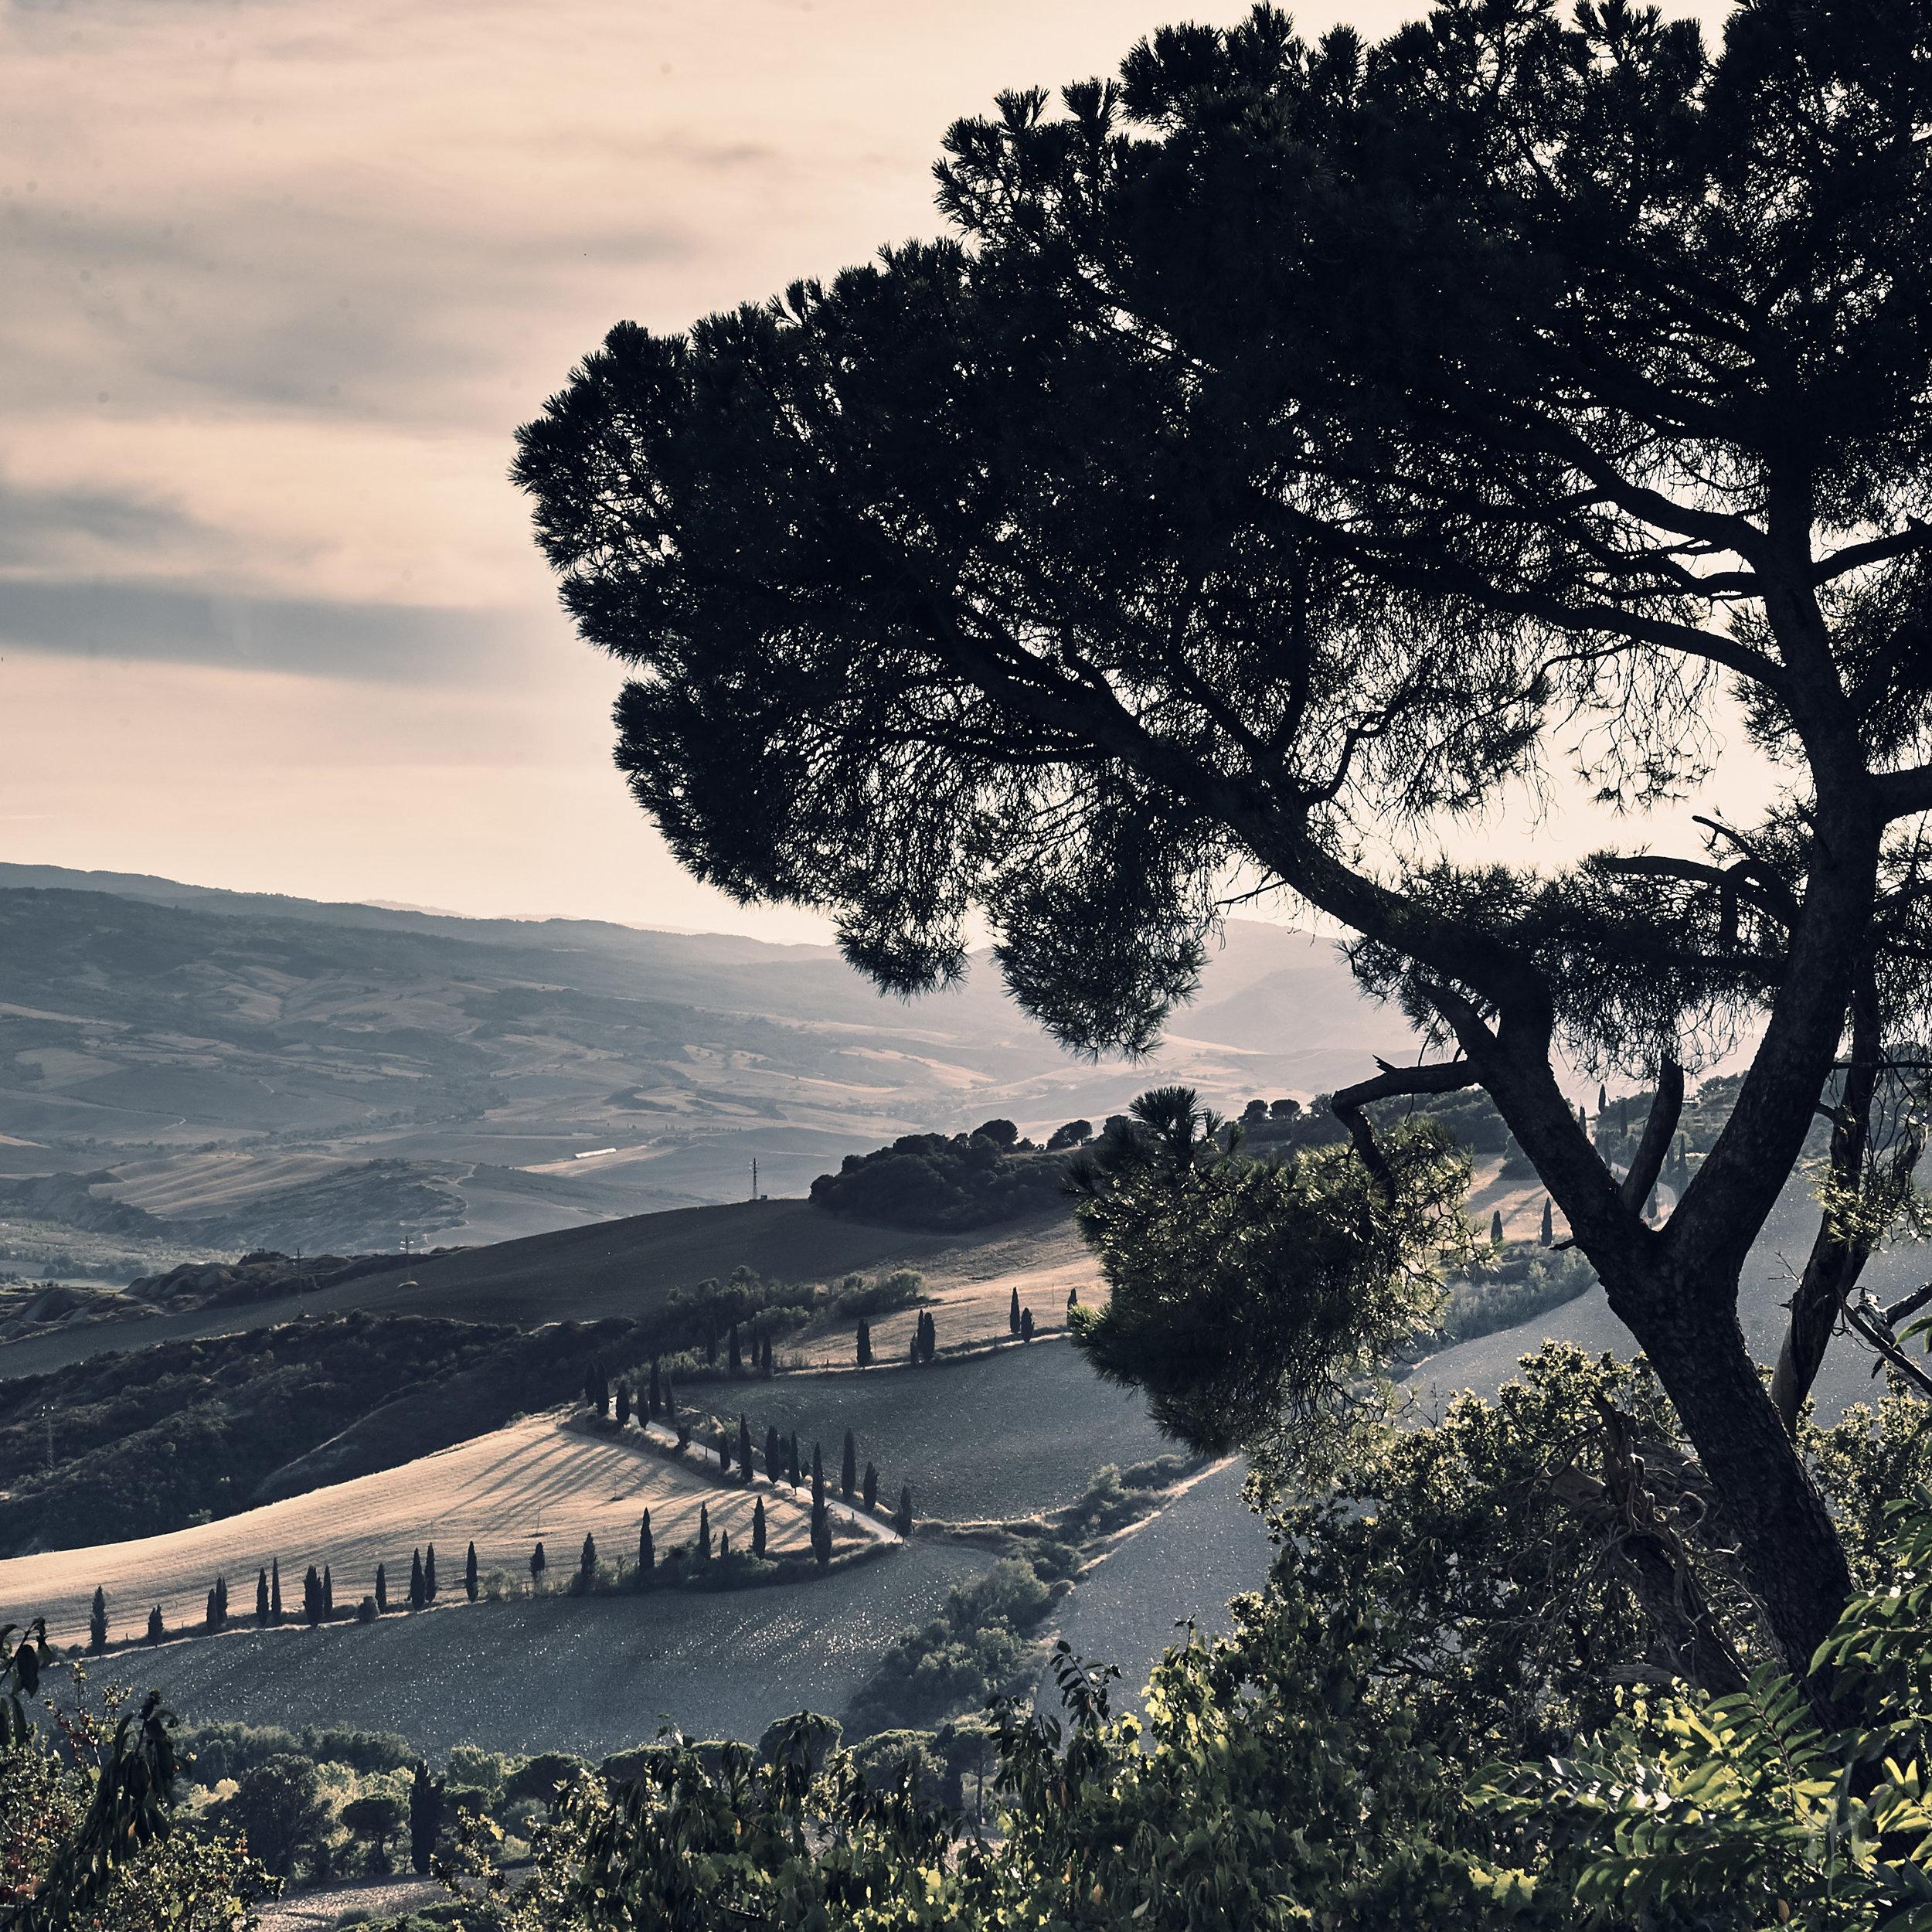 Tuscany_110907_932_midQ_wm 1.jpg